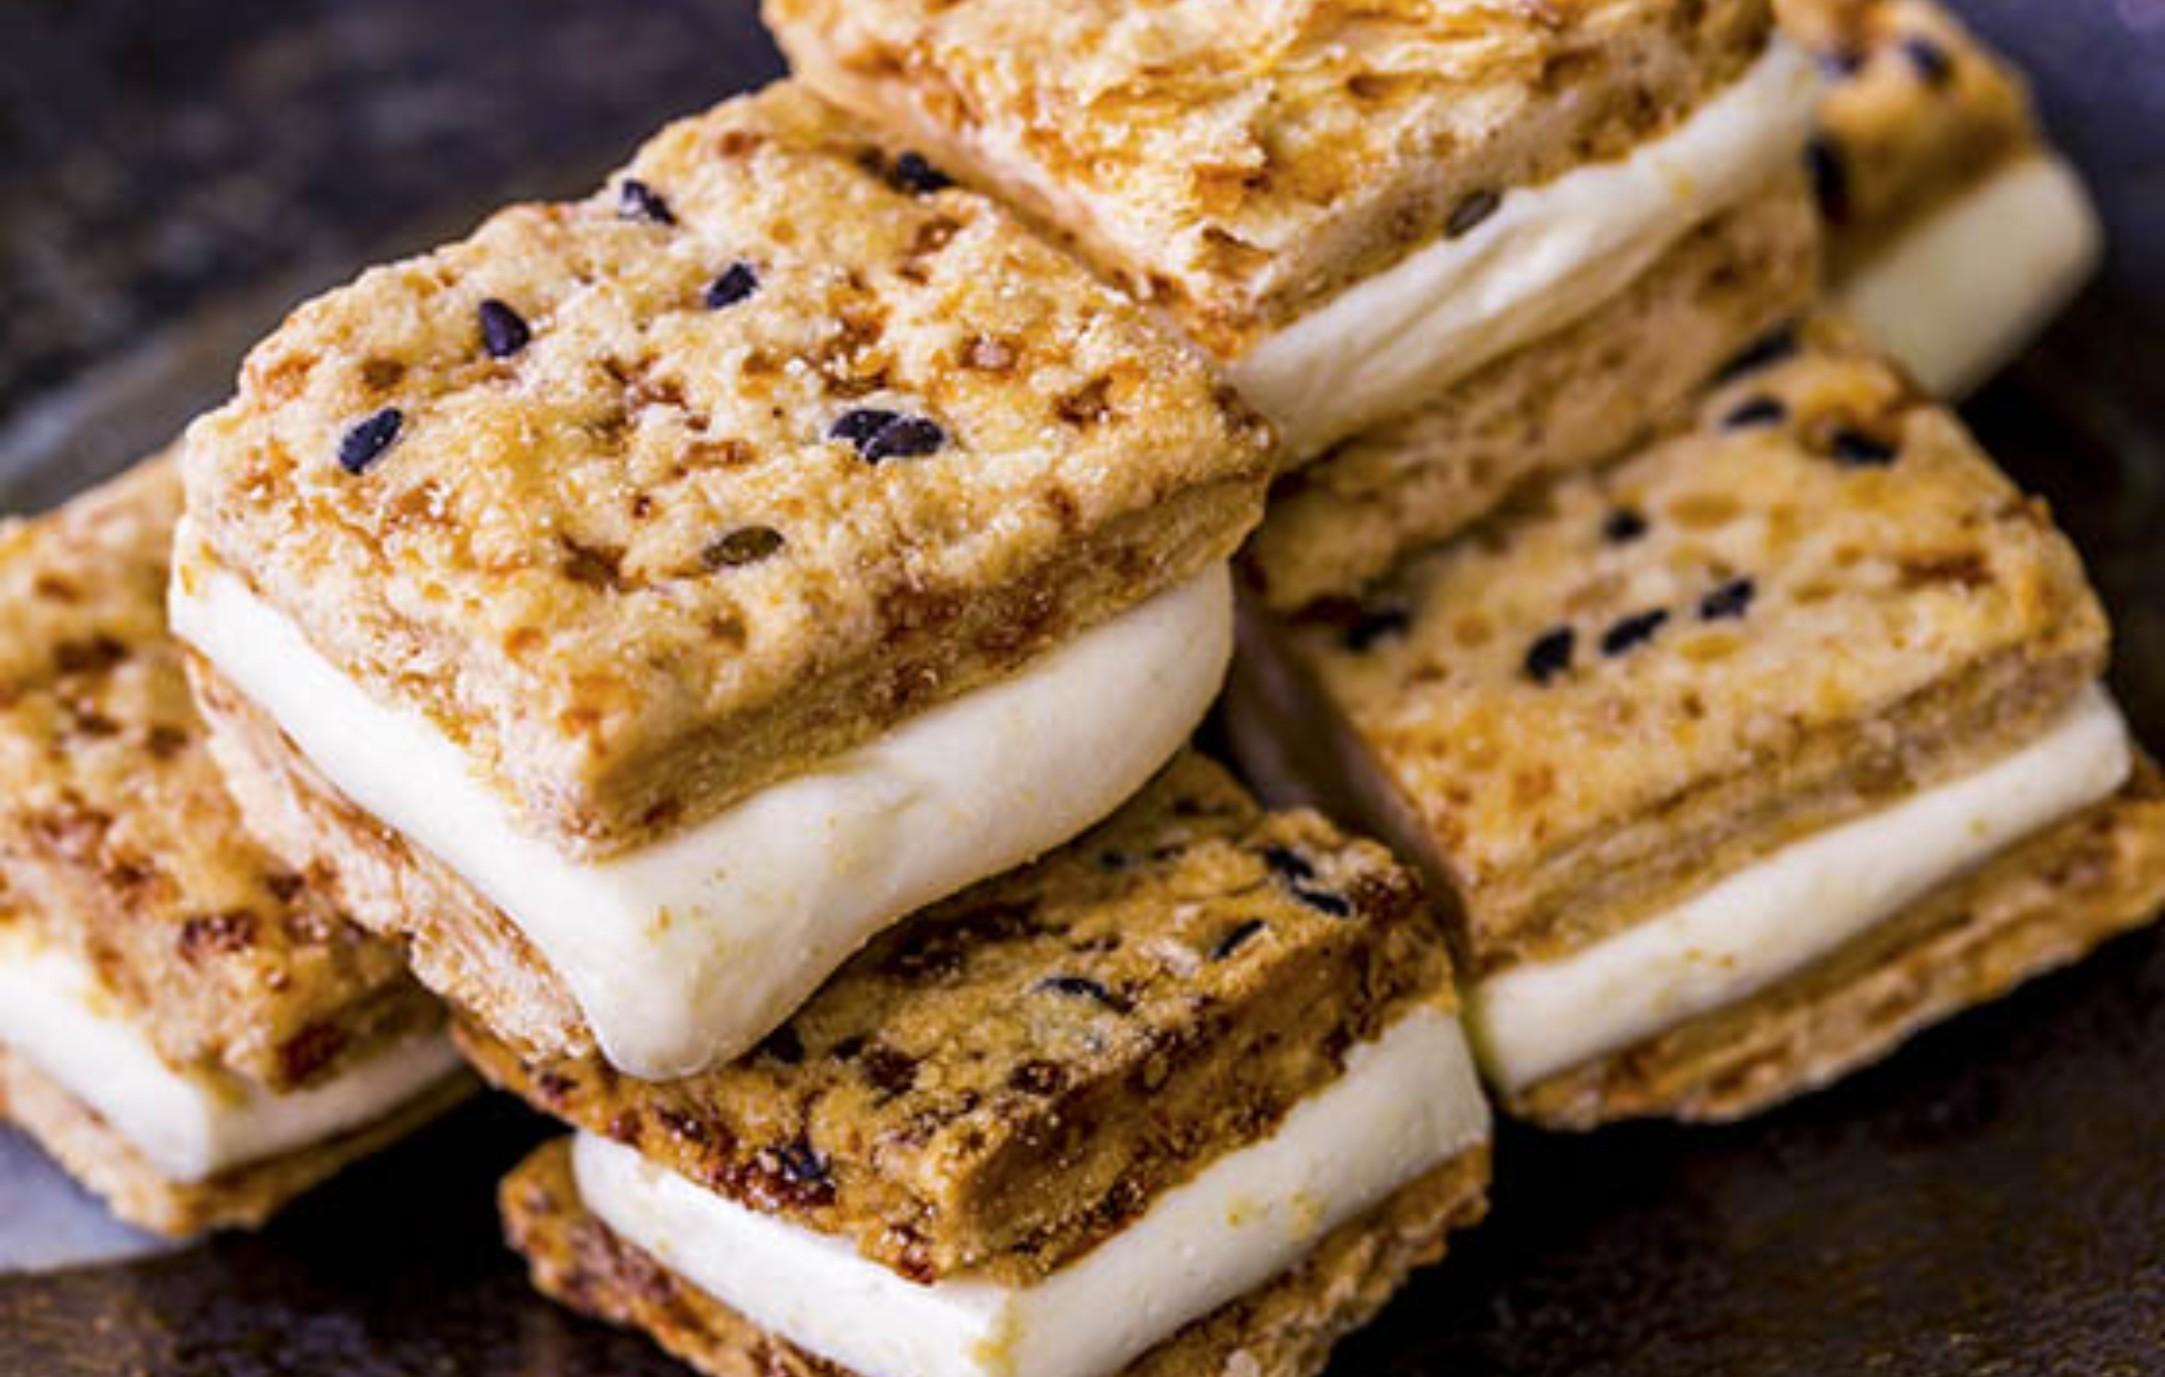 【蘿蒂烘焙坊】爆漿牛軋糖方塊一口酥 (低糖/低熱量)/15包免運組(即日滿20包送1包呦)(可備註加購手提紙袋2元)